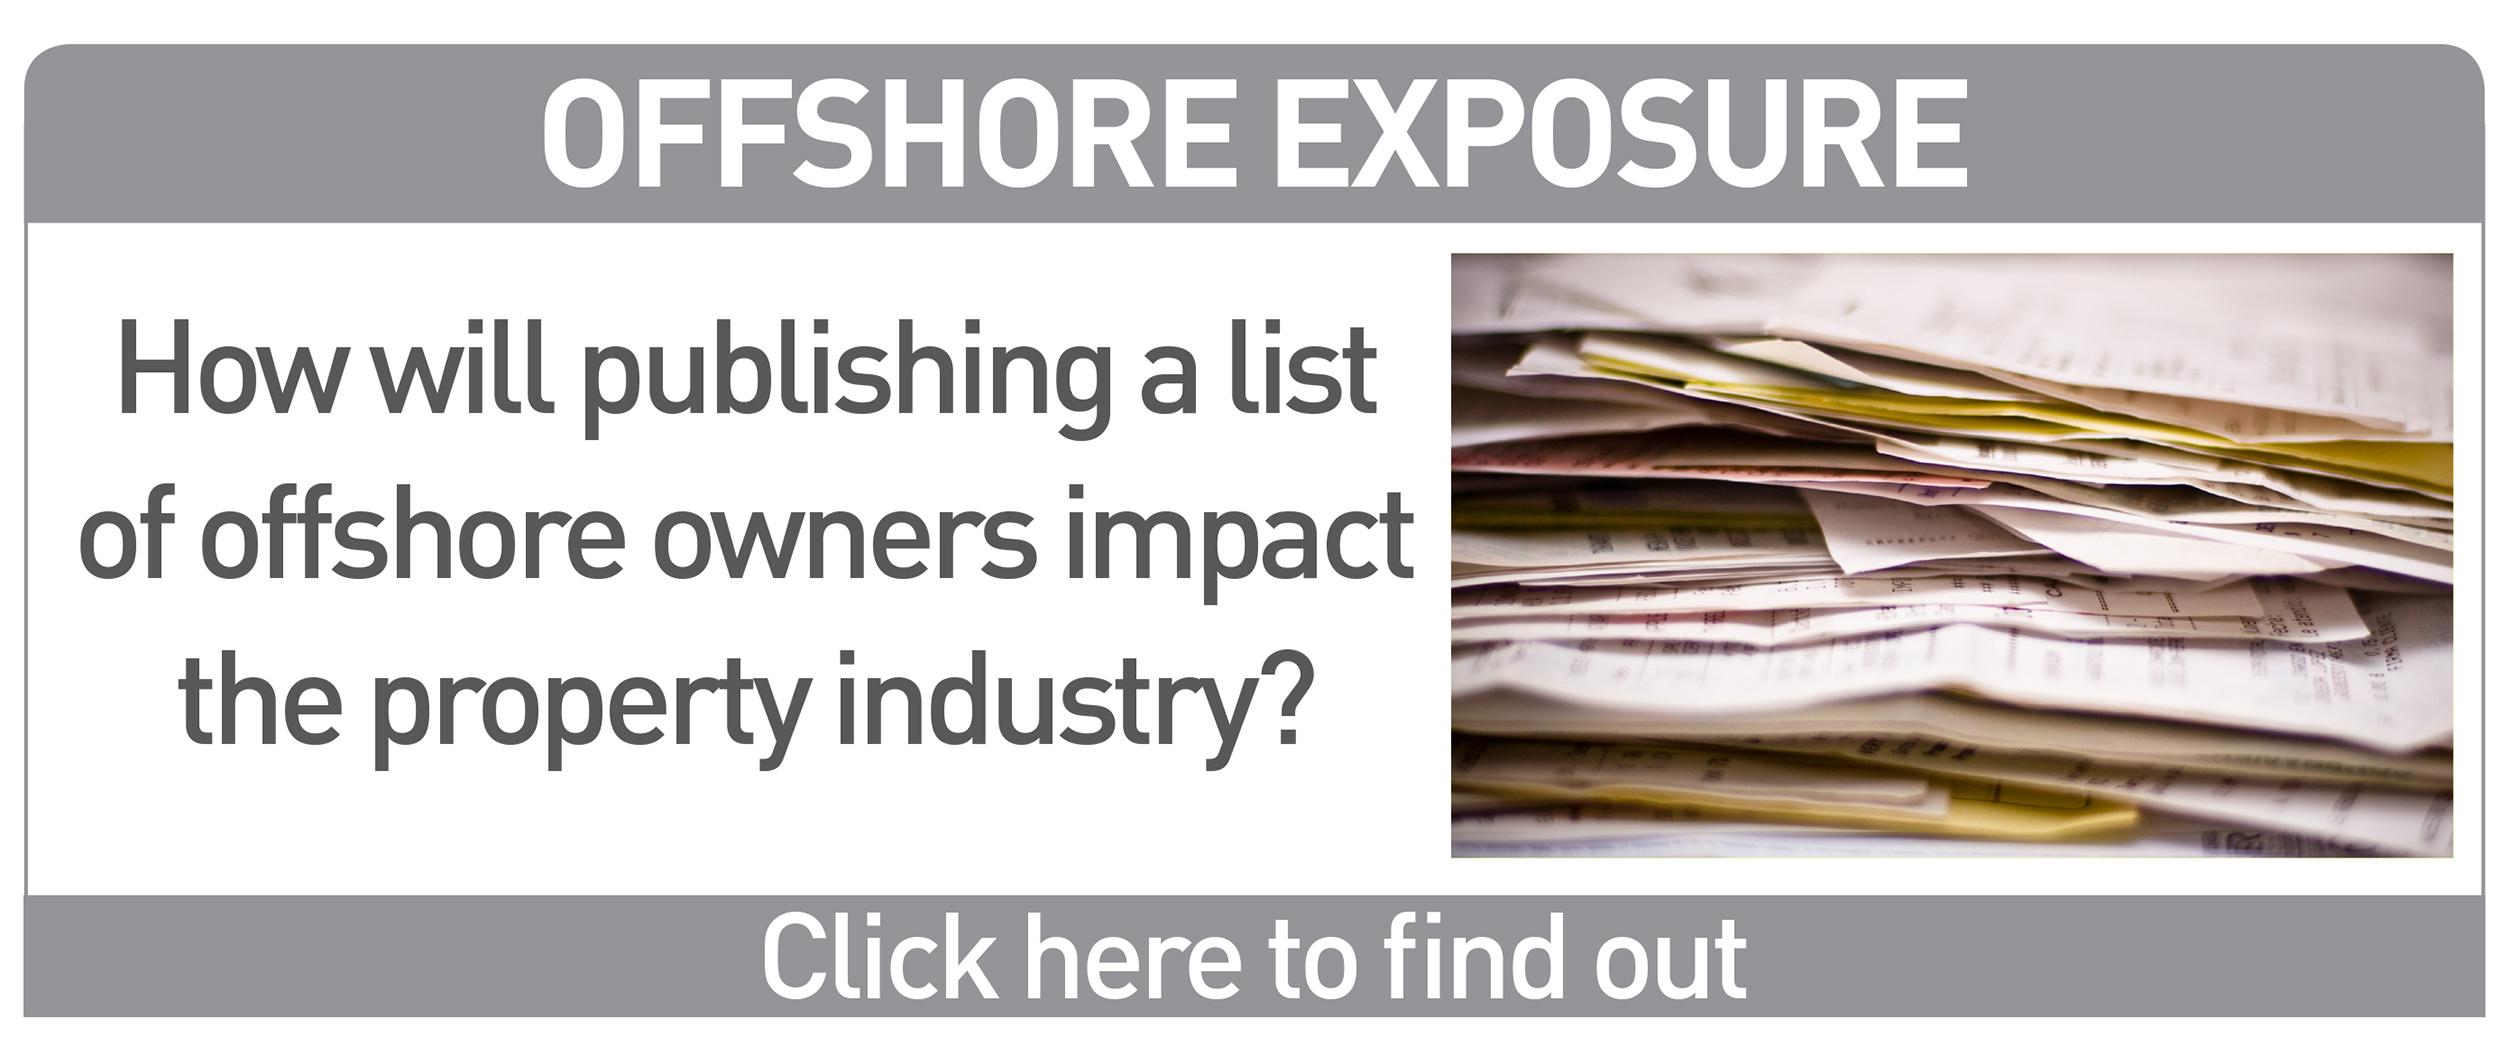 Offshore-button-23-April